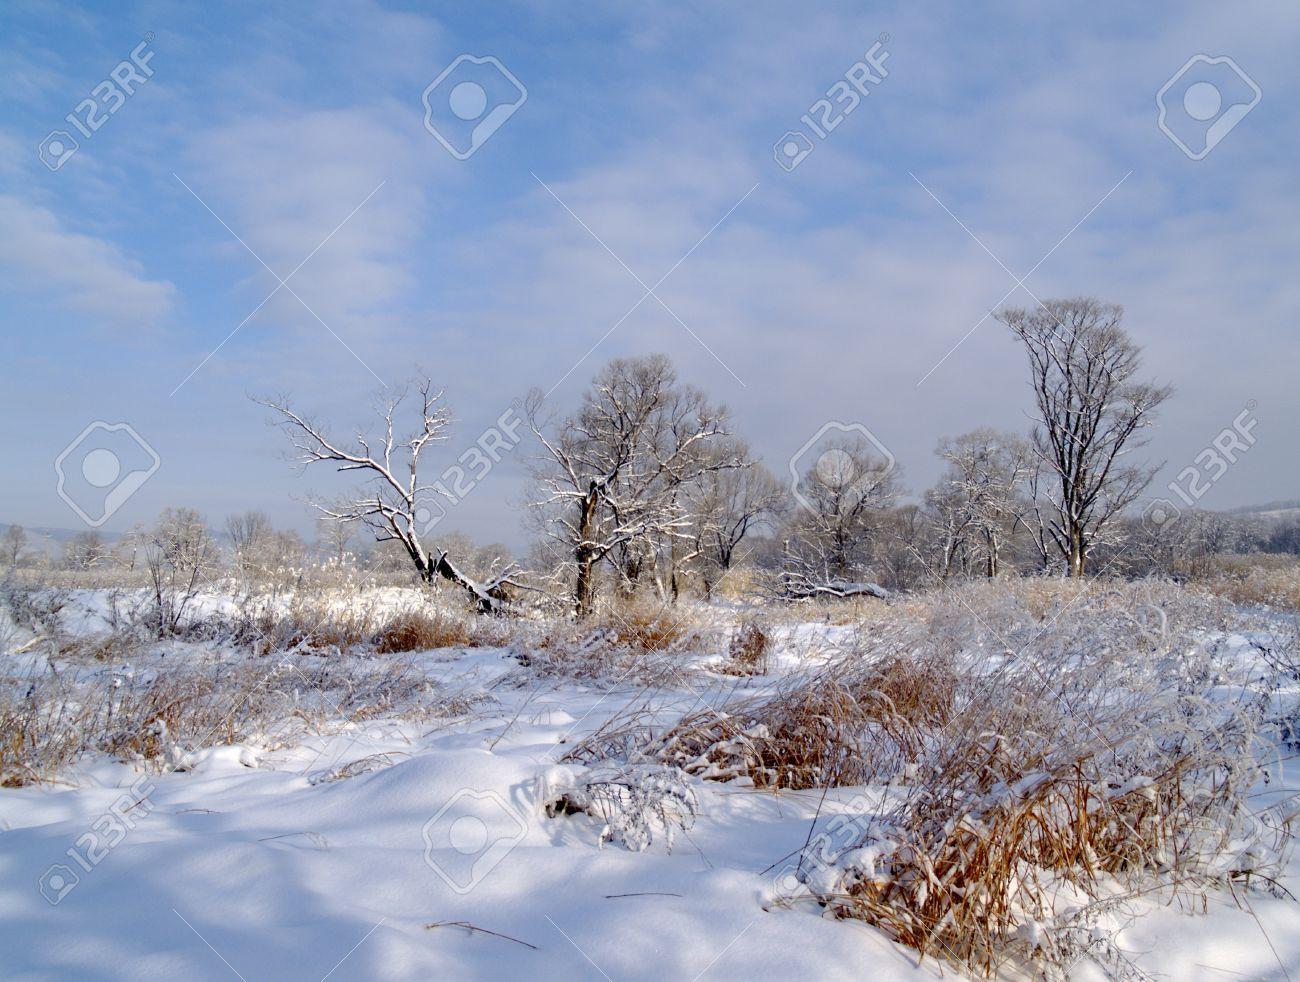 Paysage d 39 hiver solaire matin apr s une chute de neige - 123rf image gratuite ...